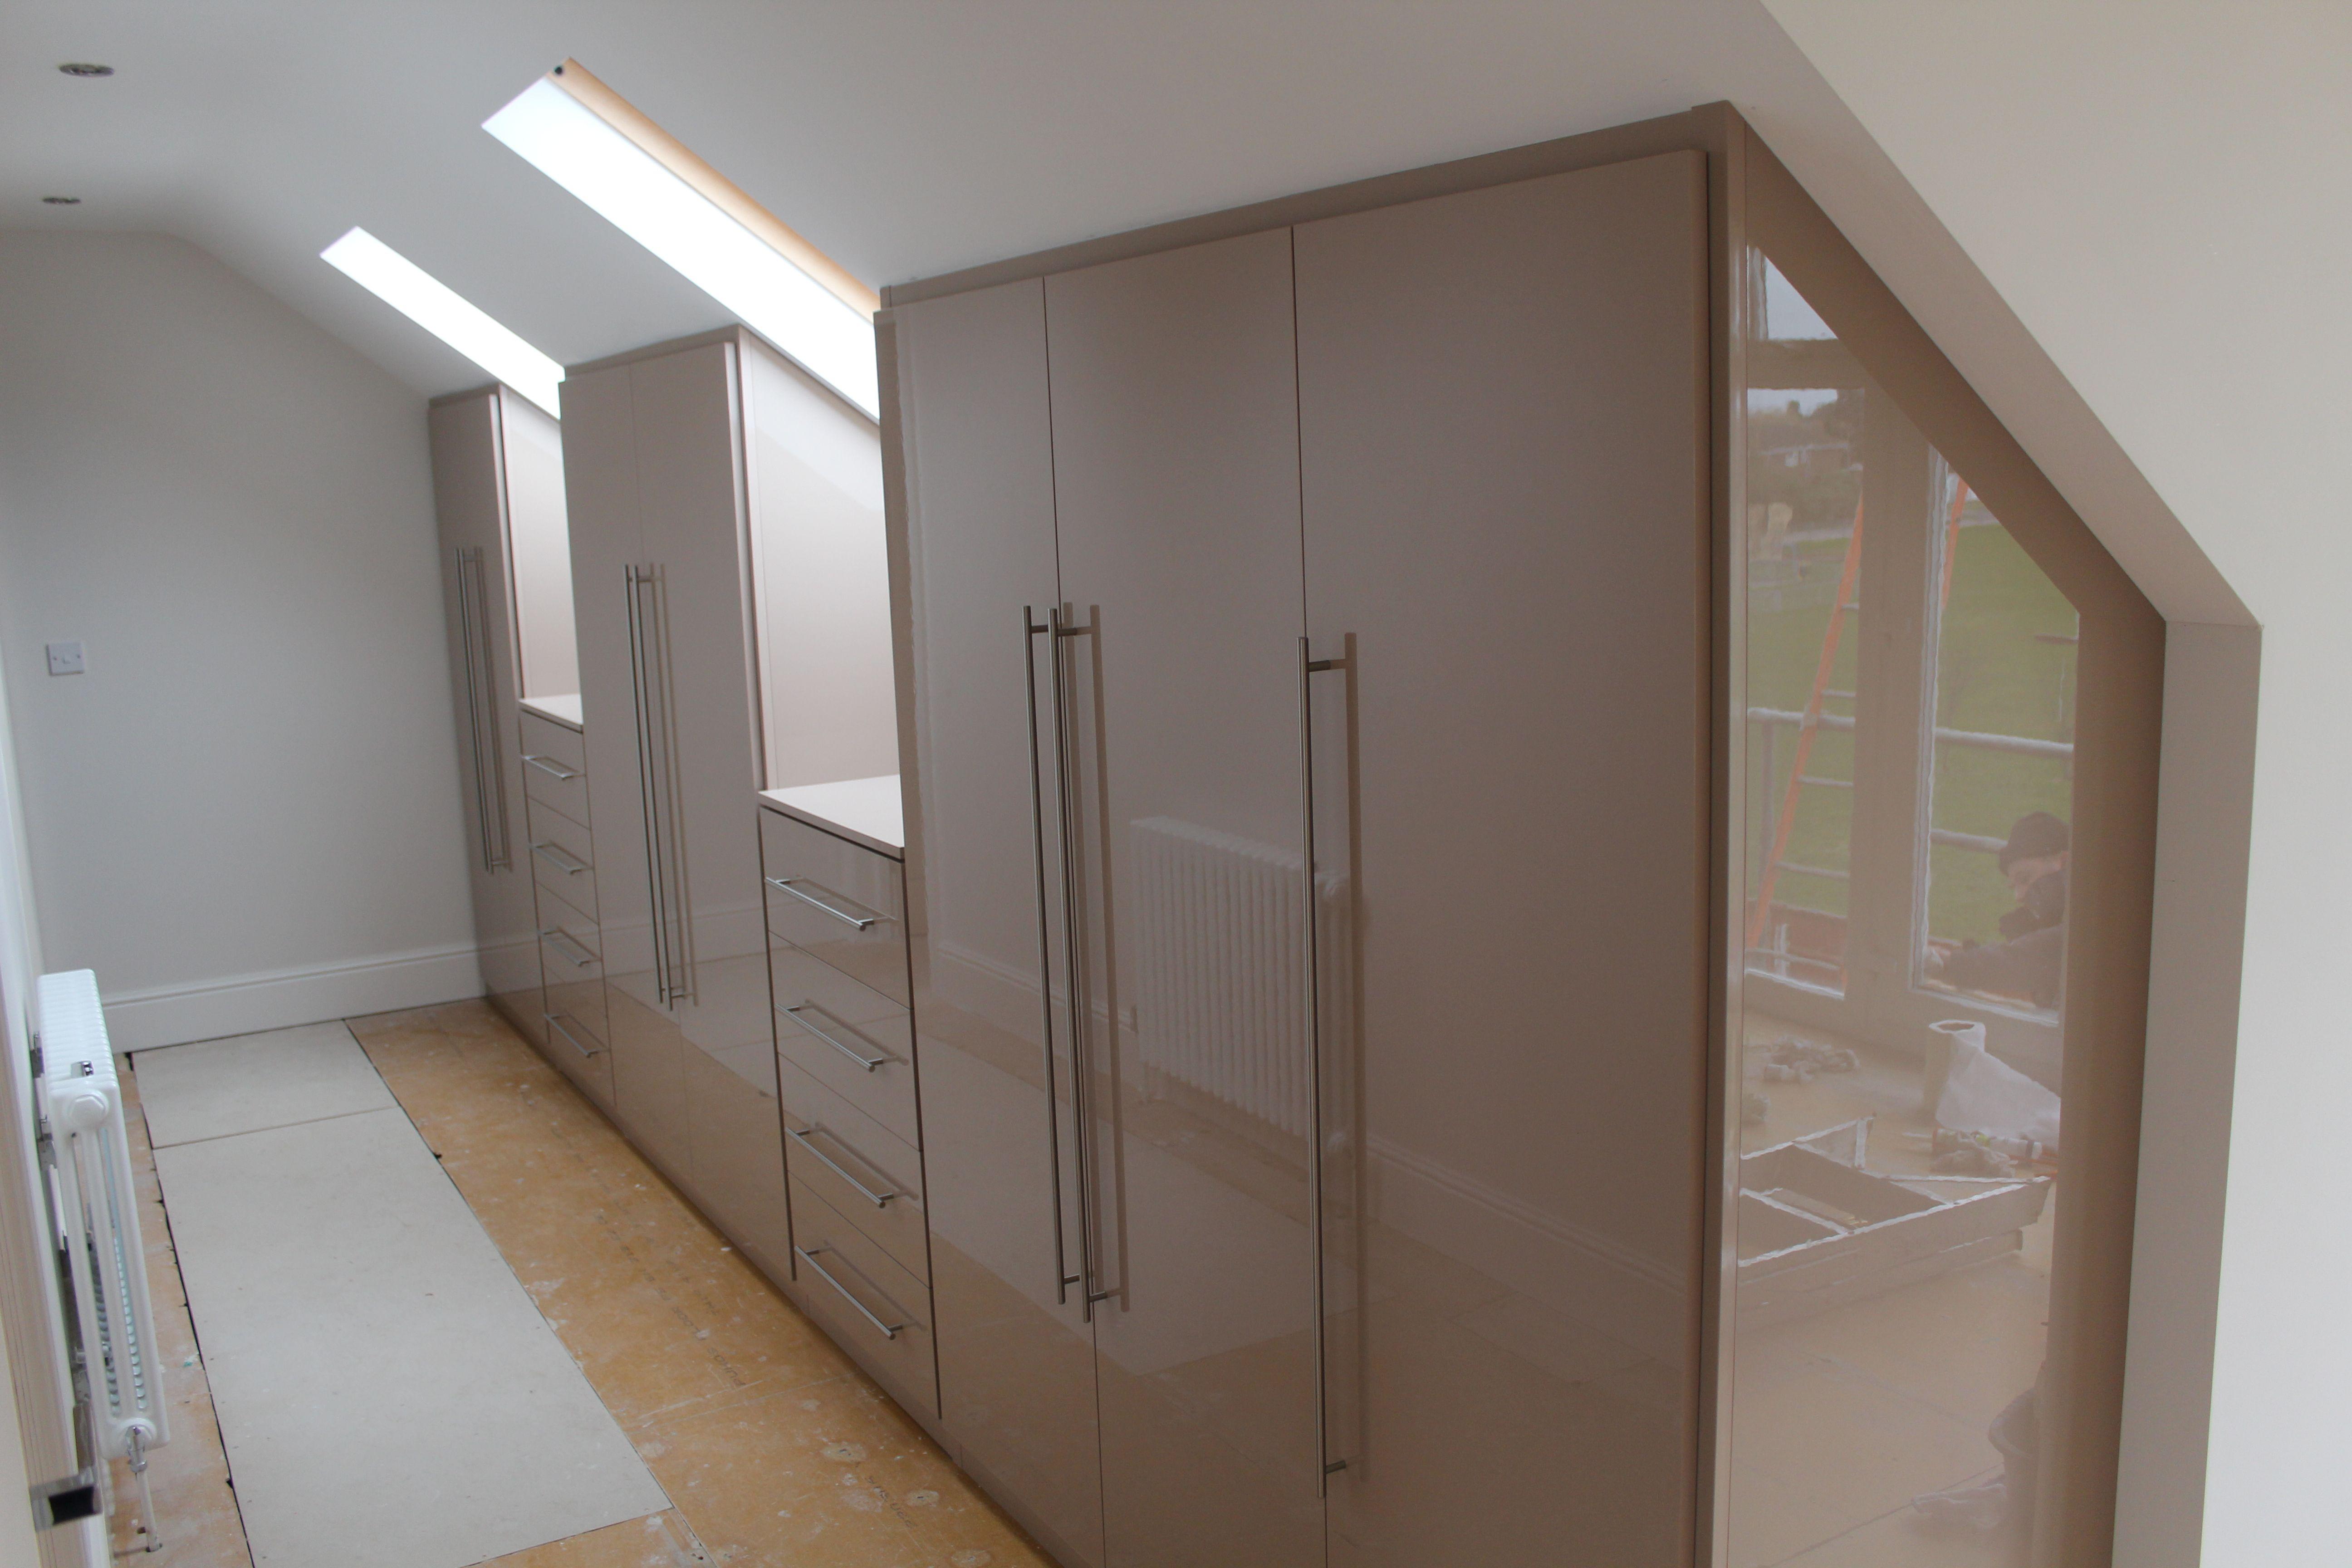 arm rios dachgeschossausbau pinterest dachschr ge schr nkchen und dachausbau. Black Bedroom Furniture Sets. Home Design Ideas